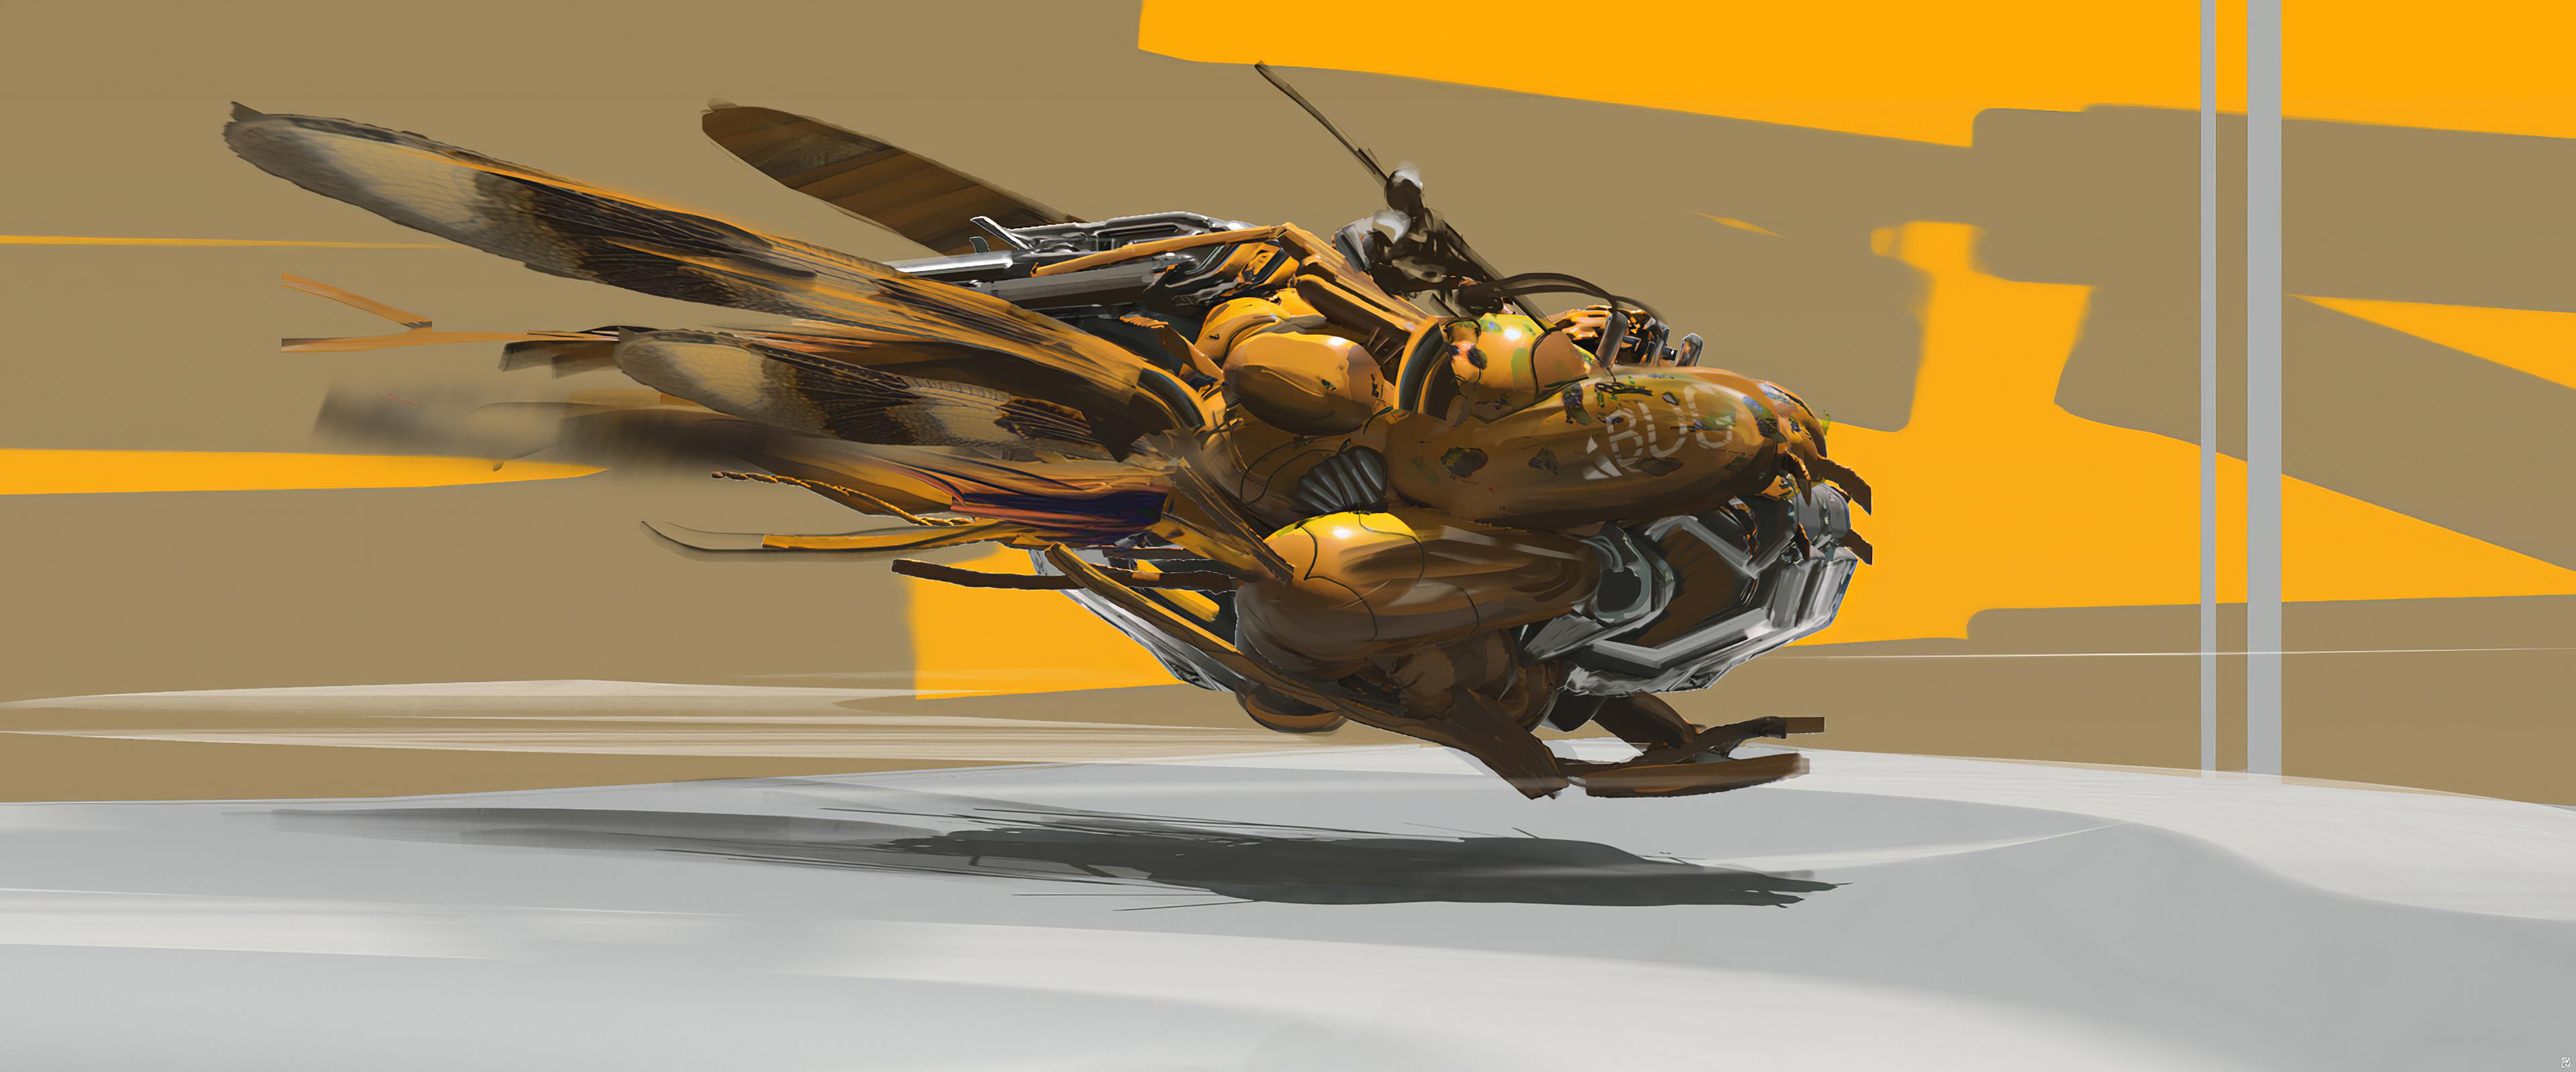 bug ship 1574940855 - Bug Ship -